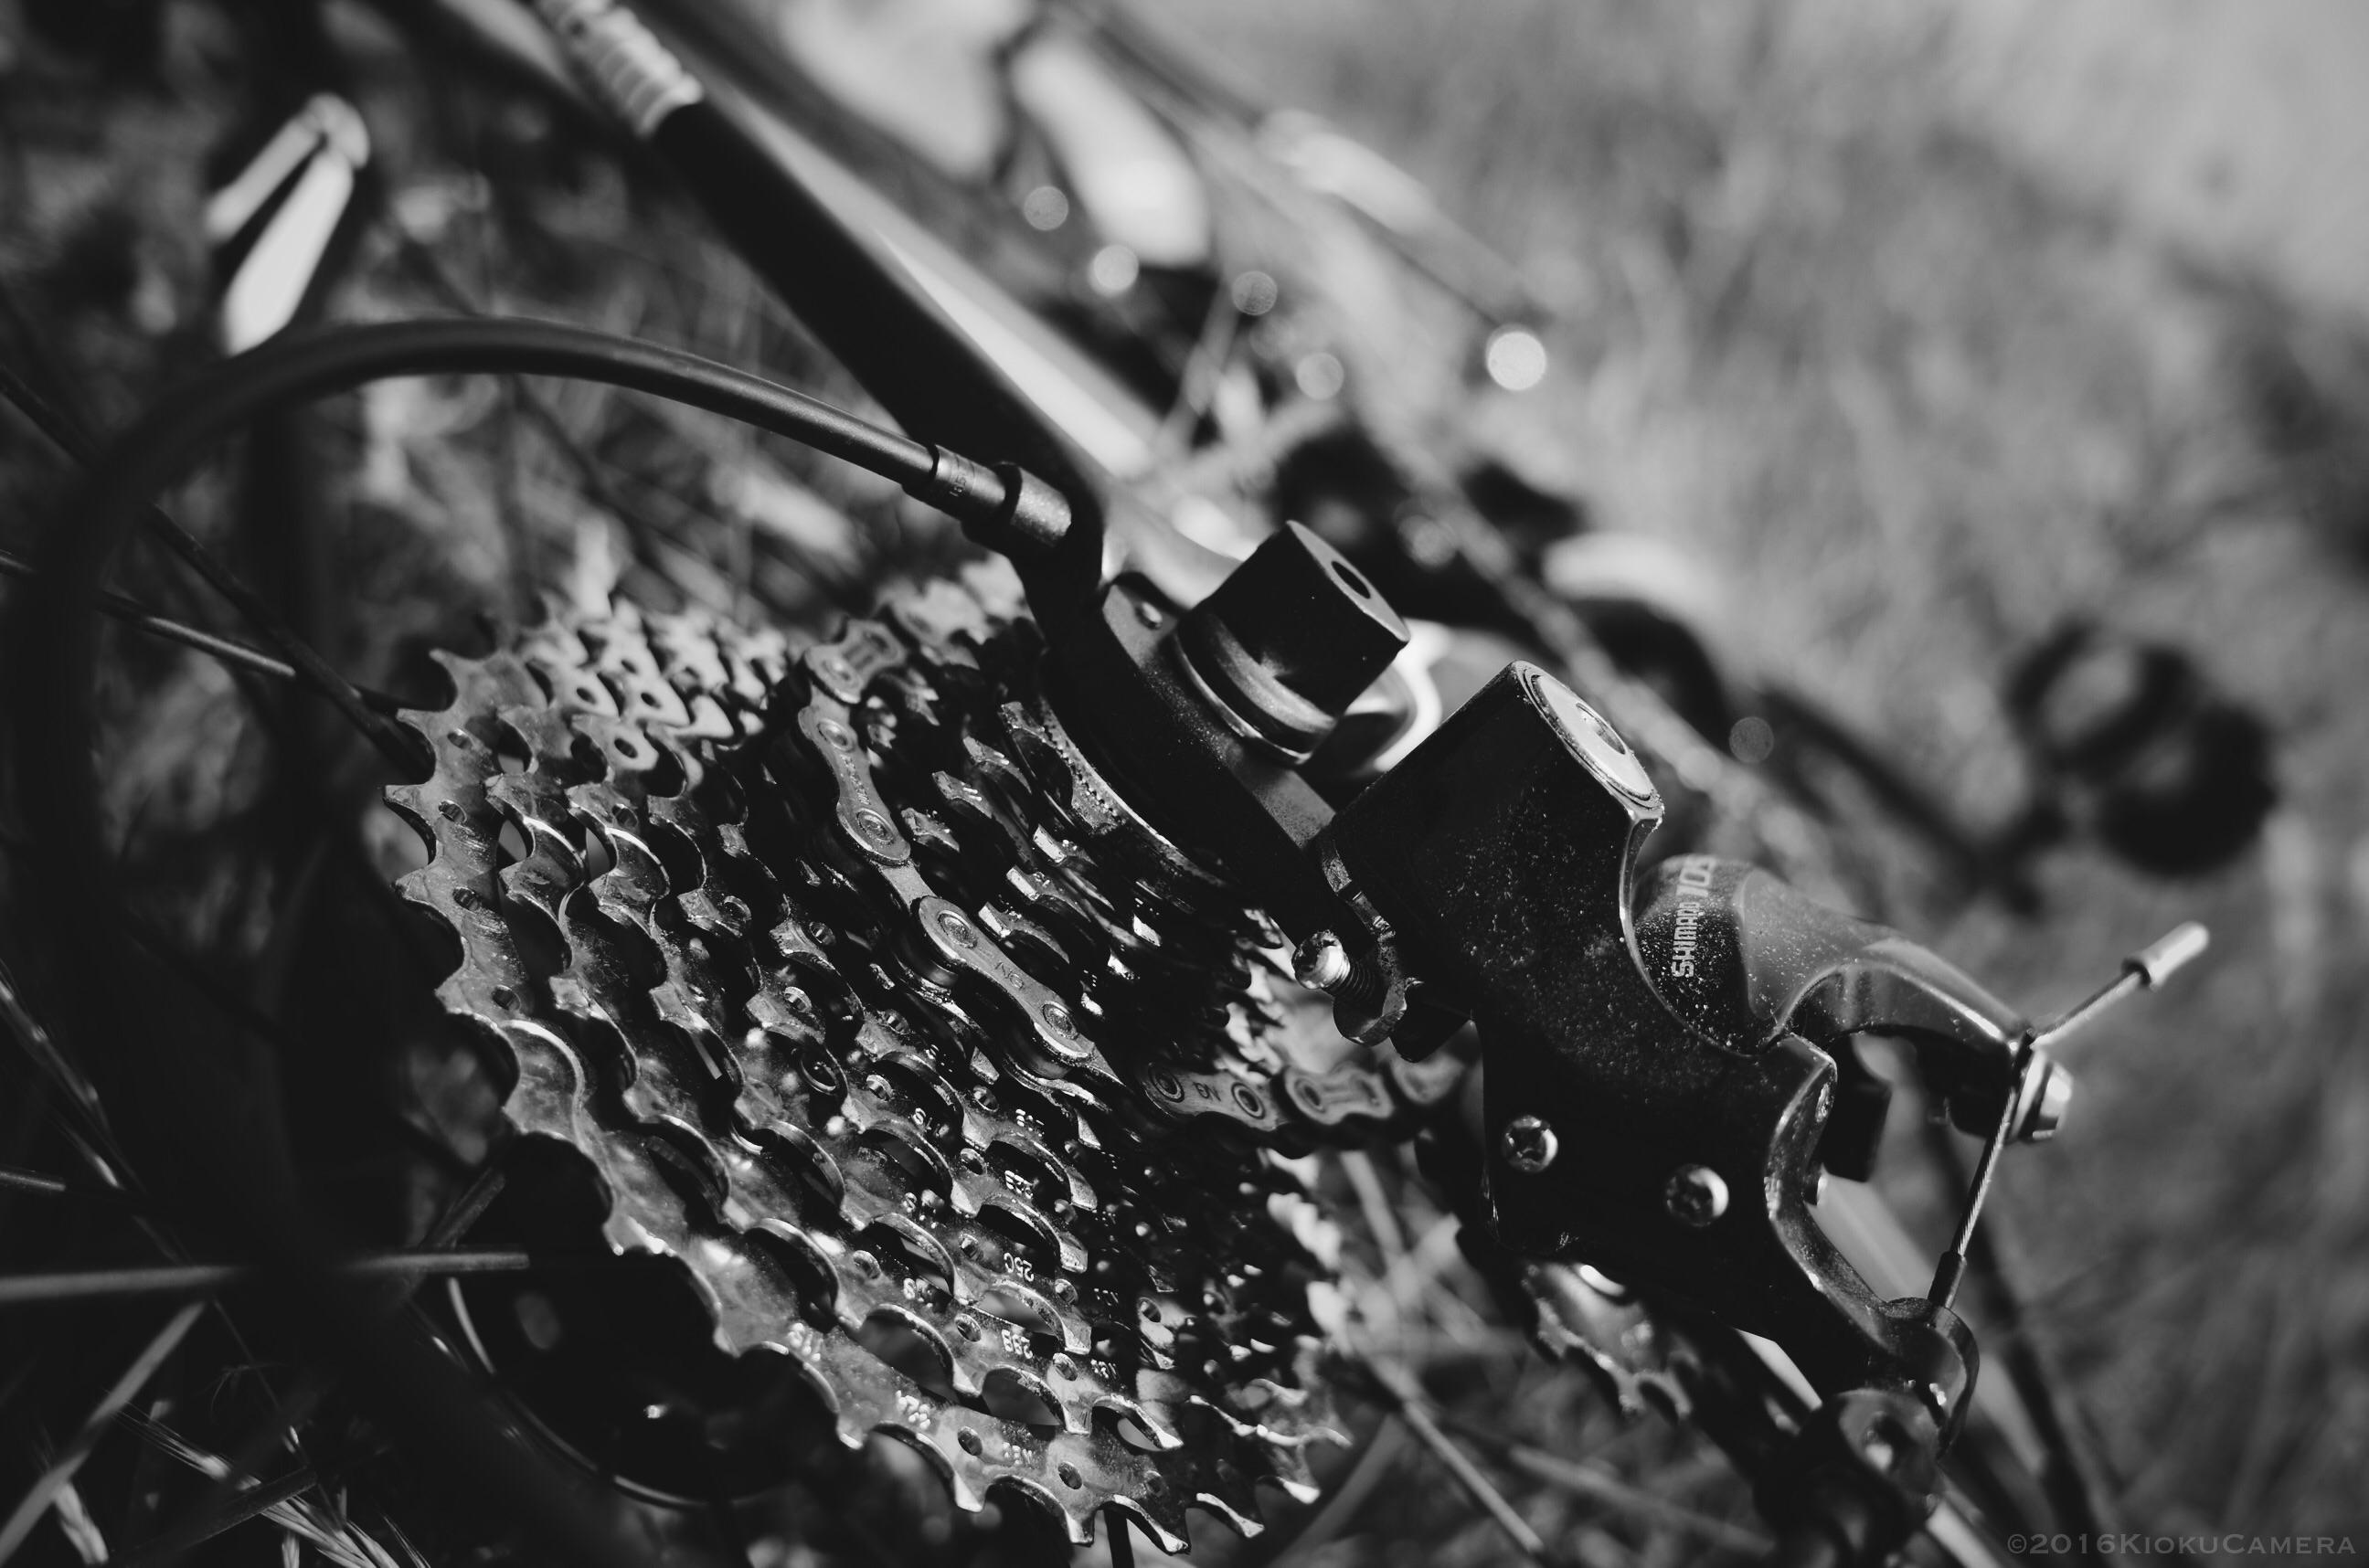 """走っていると無になる瞬間がある。ロードバイクとは""""走る禅""""かもしれない。"""